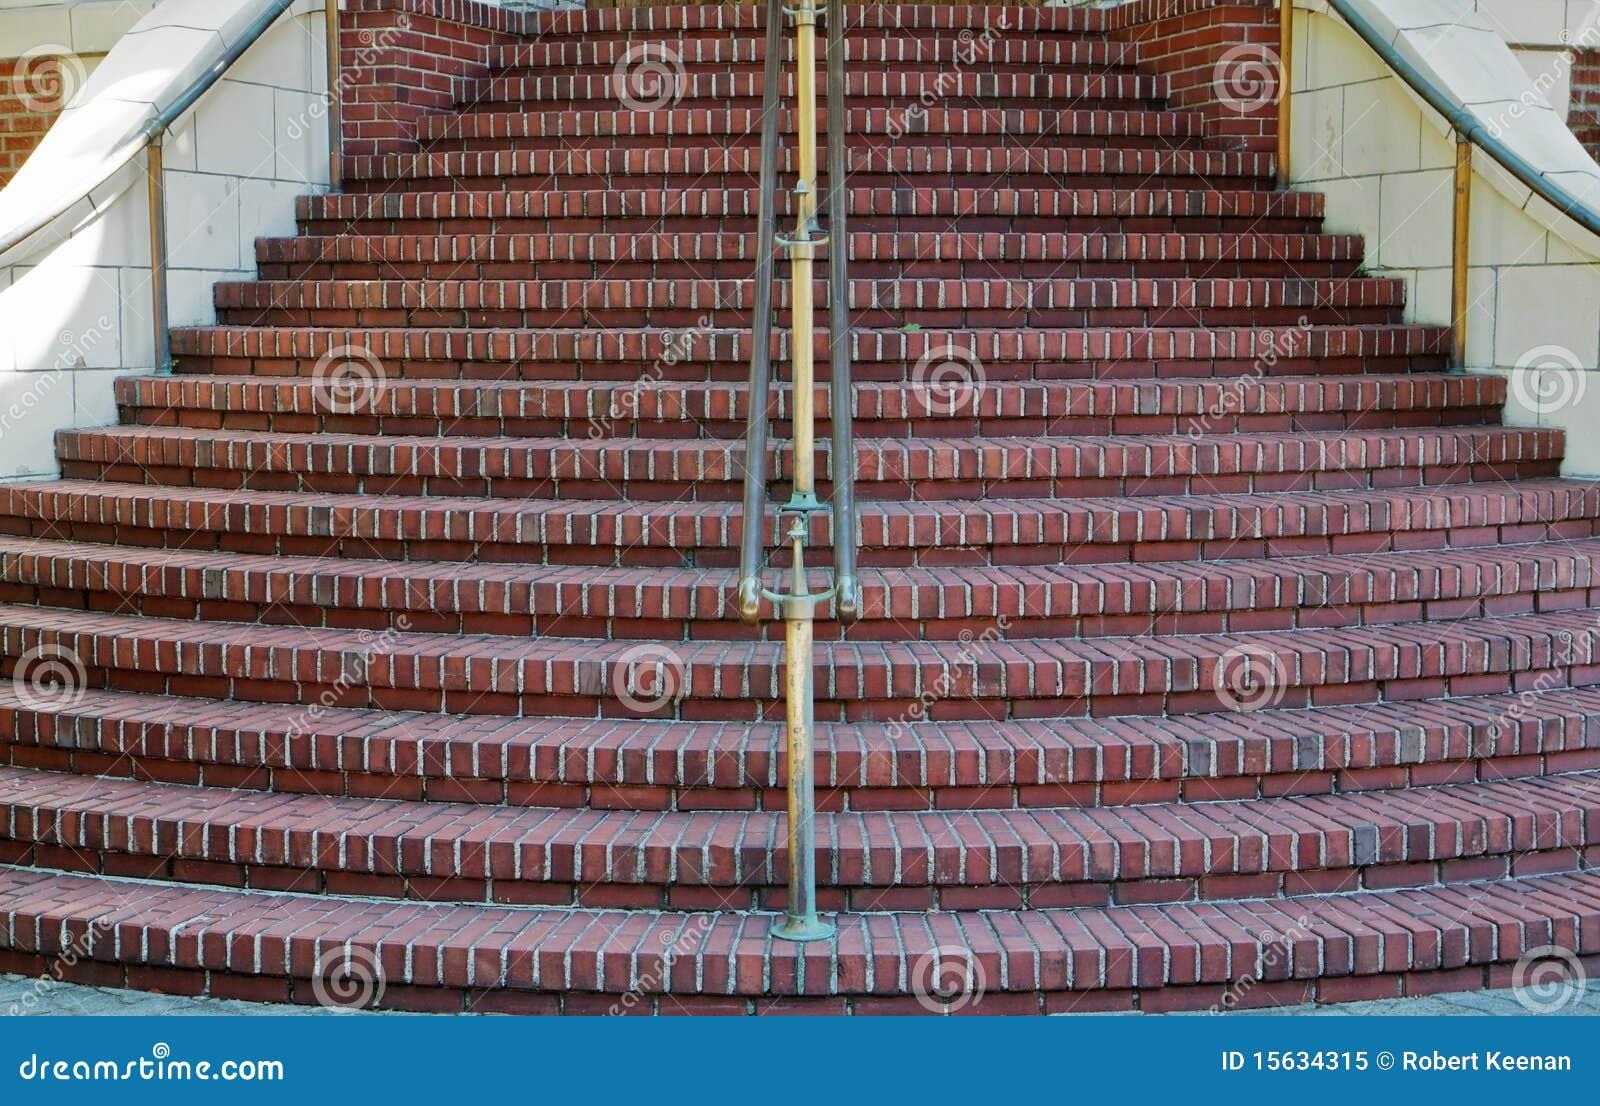 Las escaleras redondas se cierran foto de archivo libre de - Escaleras de ladrillo ...